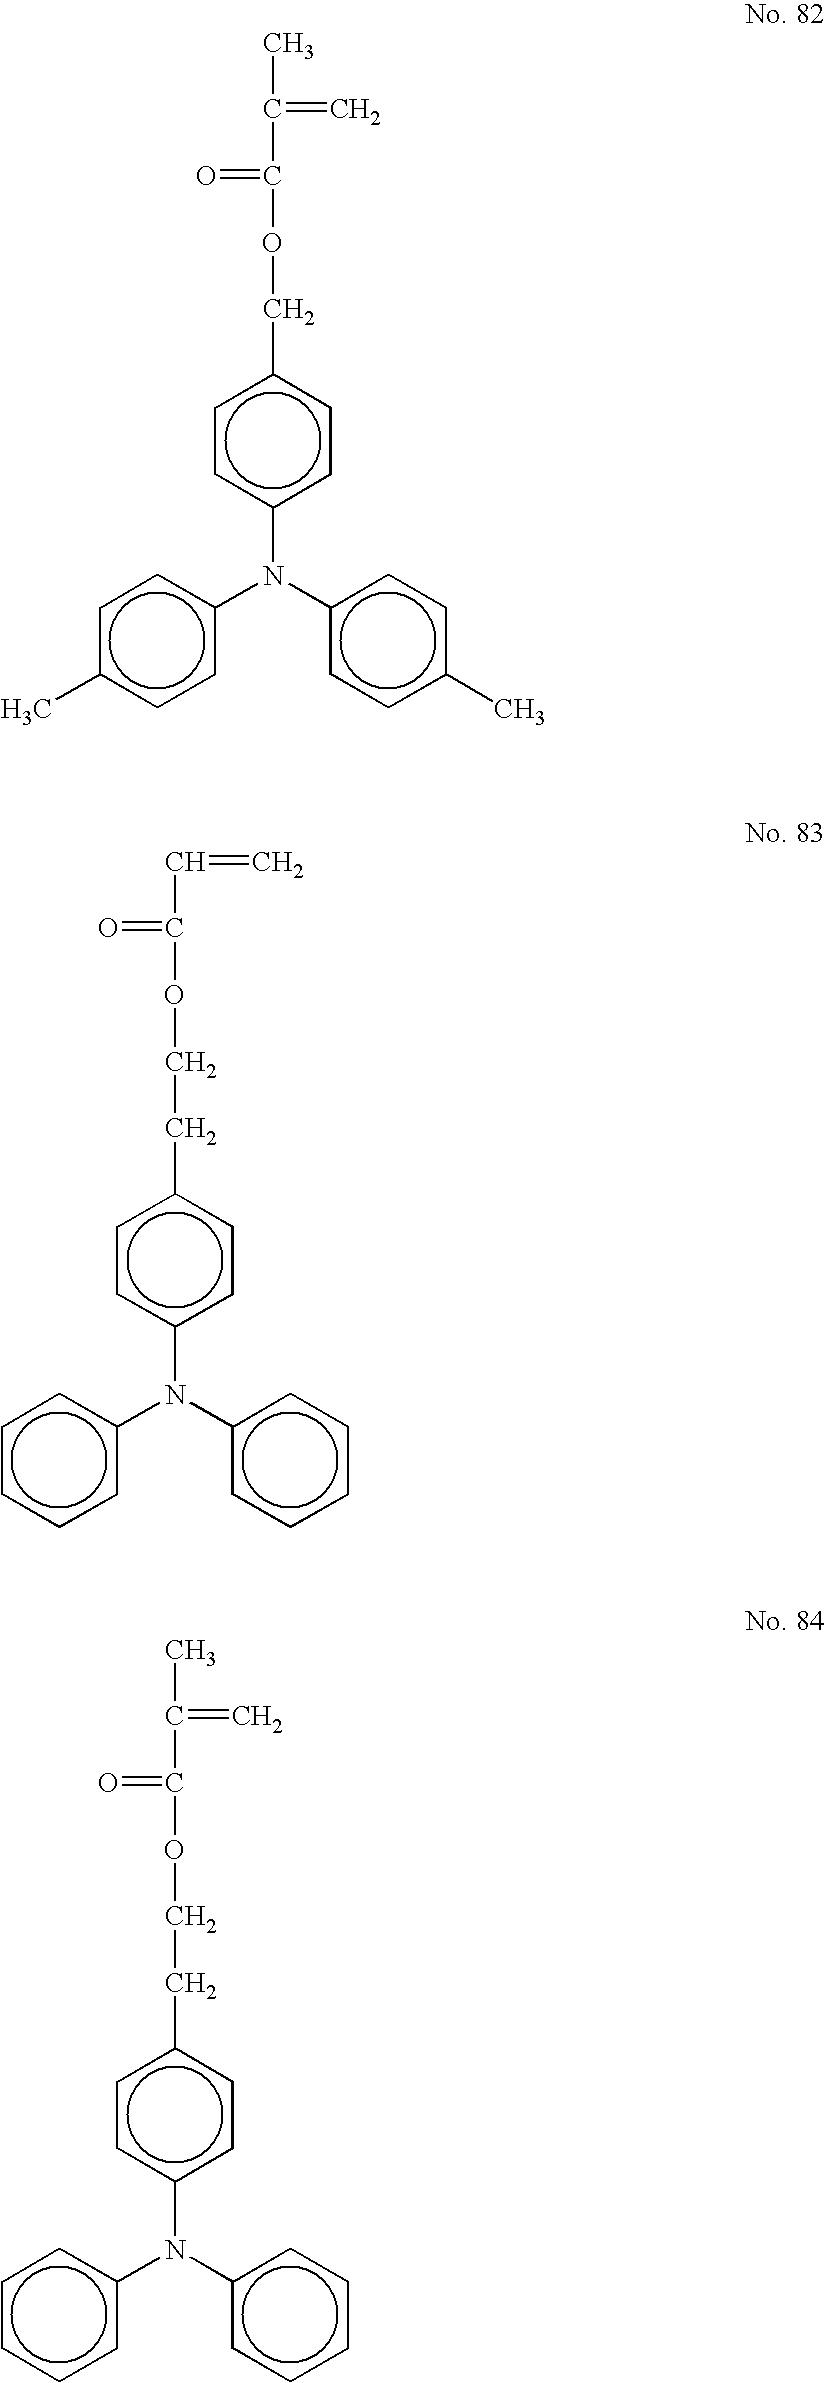 Figure US20050175911A1-20050811-C00029